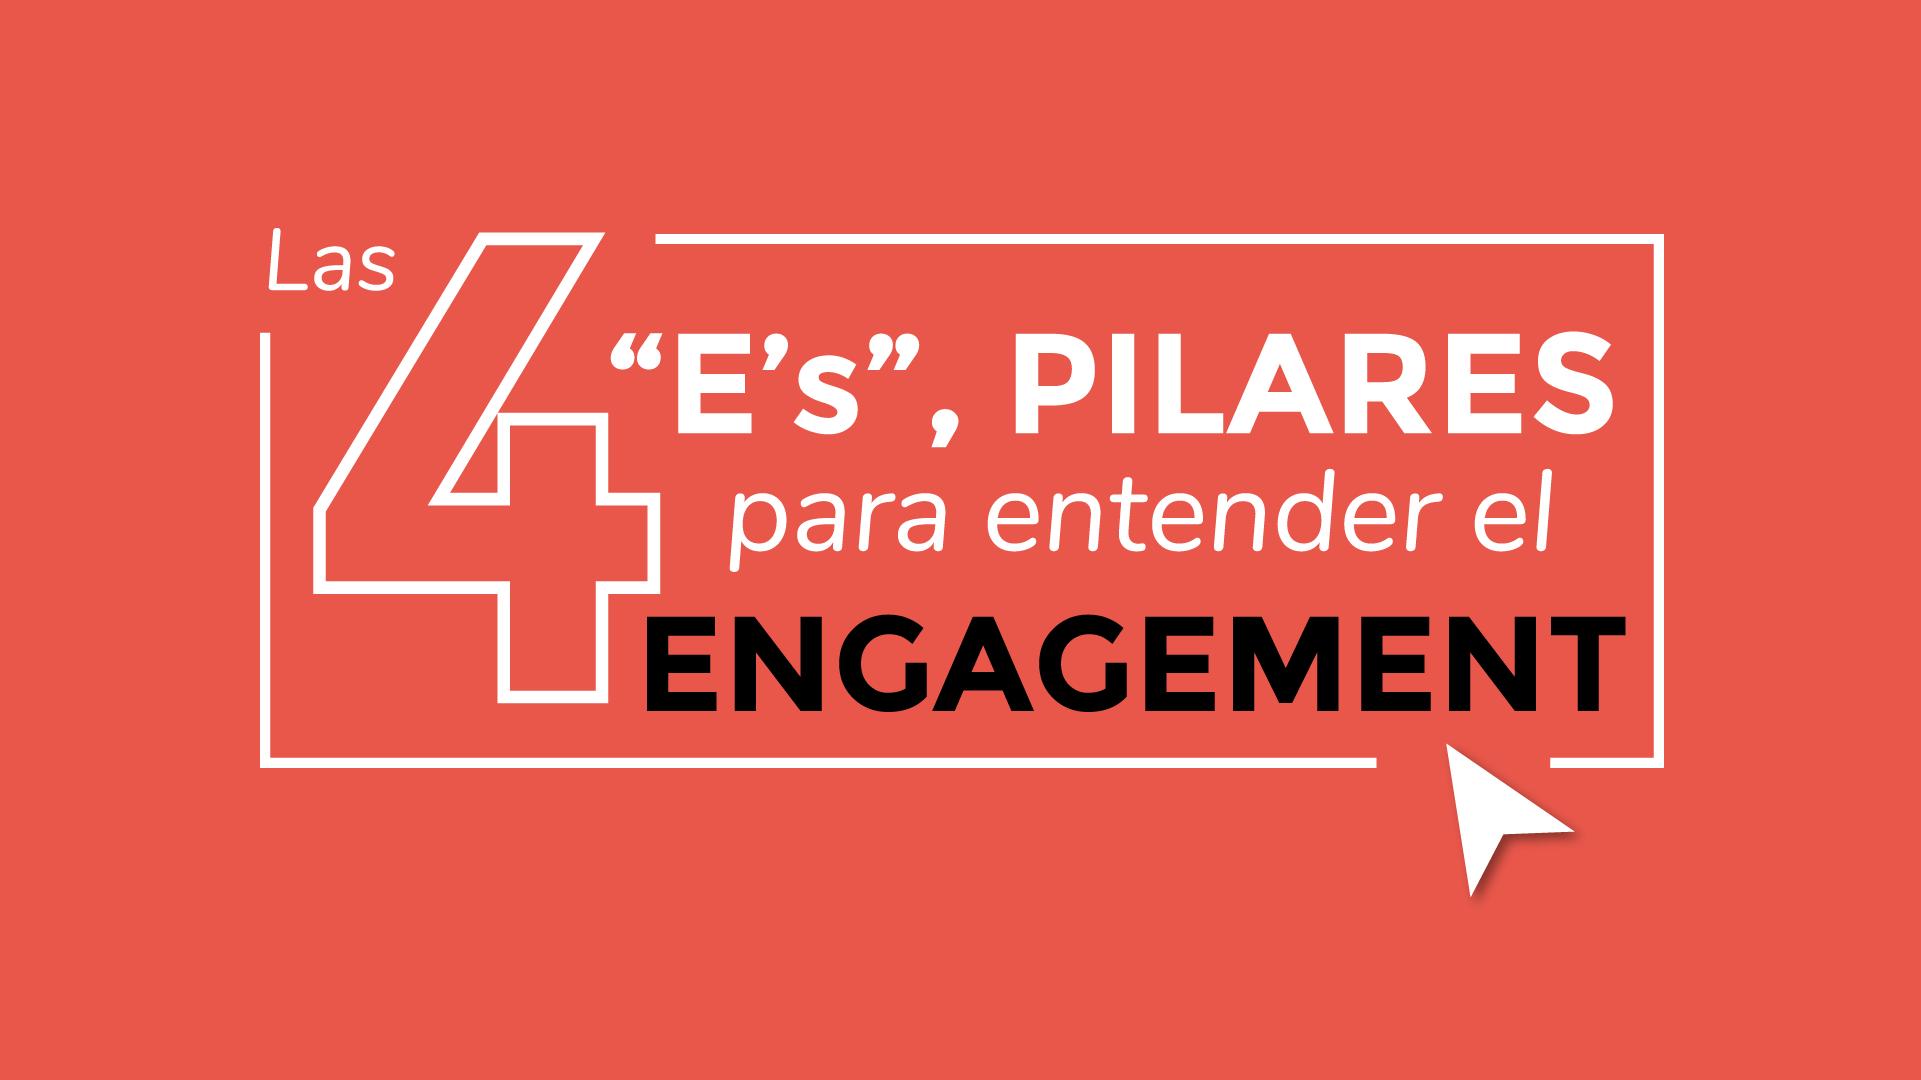 """Las 4 """"E's"""" del ENGAGEMENT"""